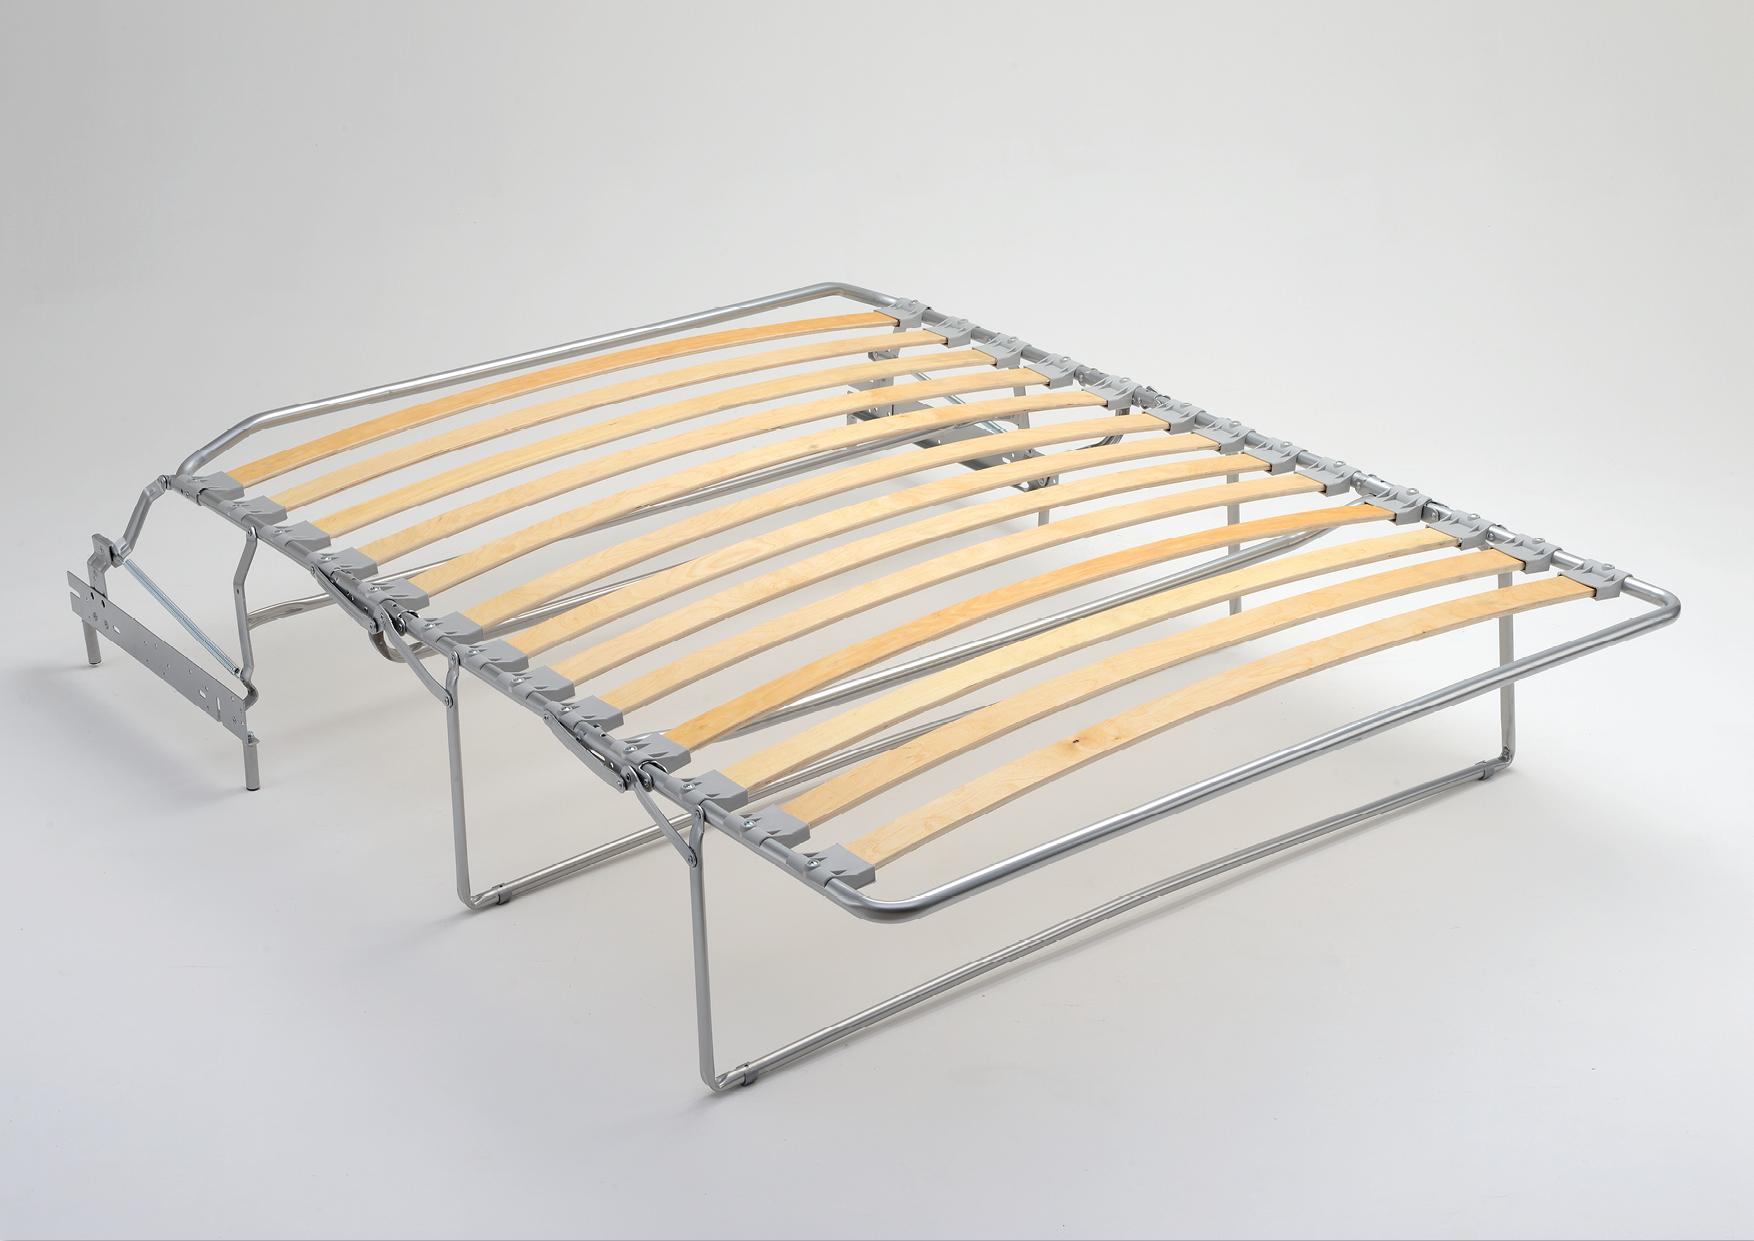 Armetal S.r.l. reti trasformabili per salotti e divani letto